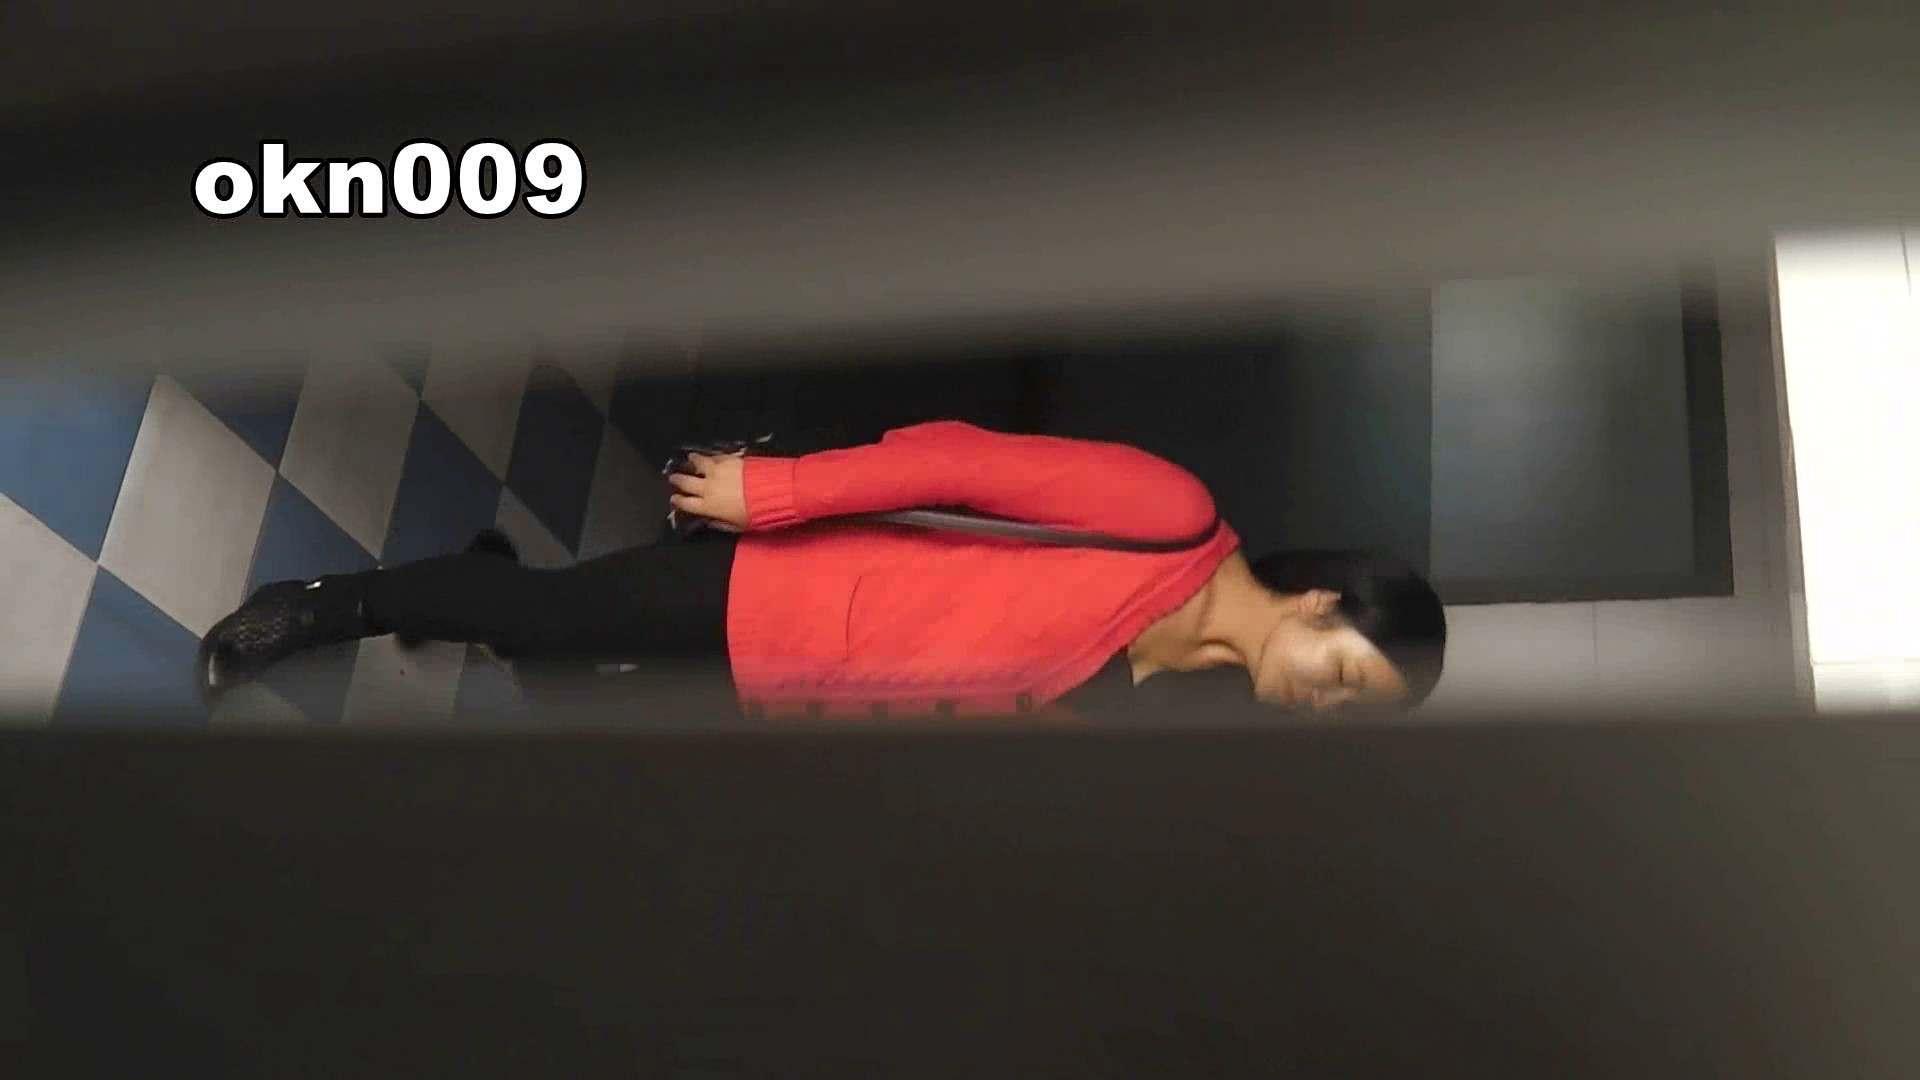 セックスアダルト動画|下からノゾム vol.009 リキンでモリアガった割にヒョロ|怪盗ジョーカー